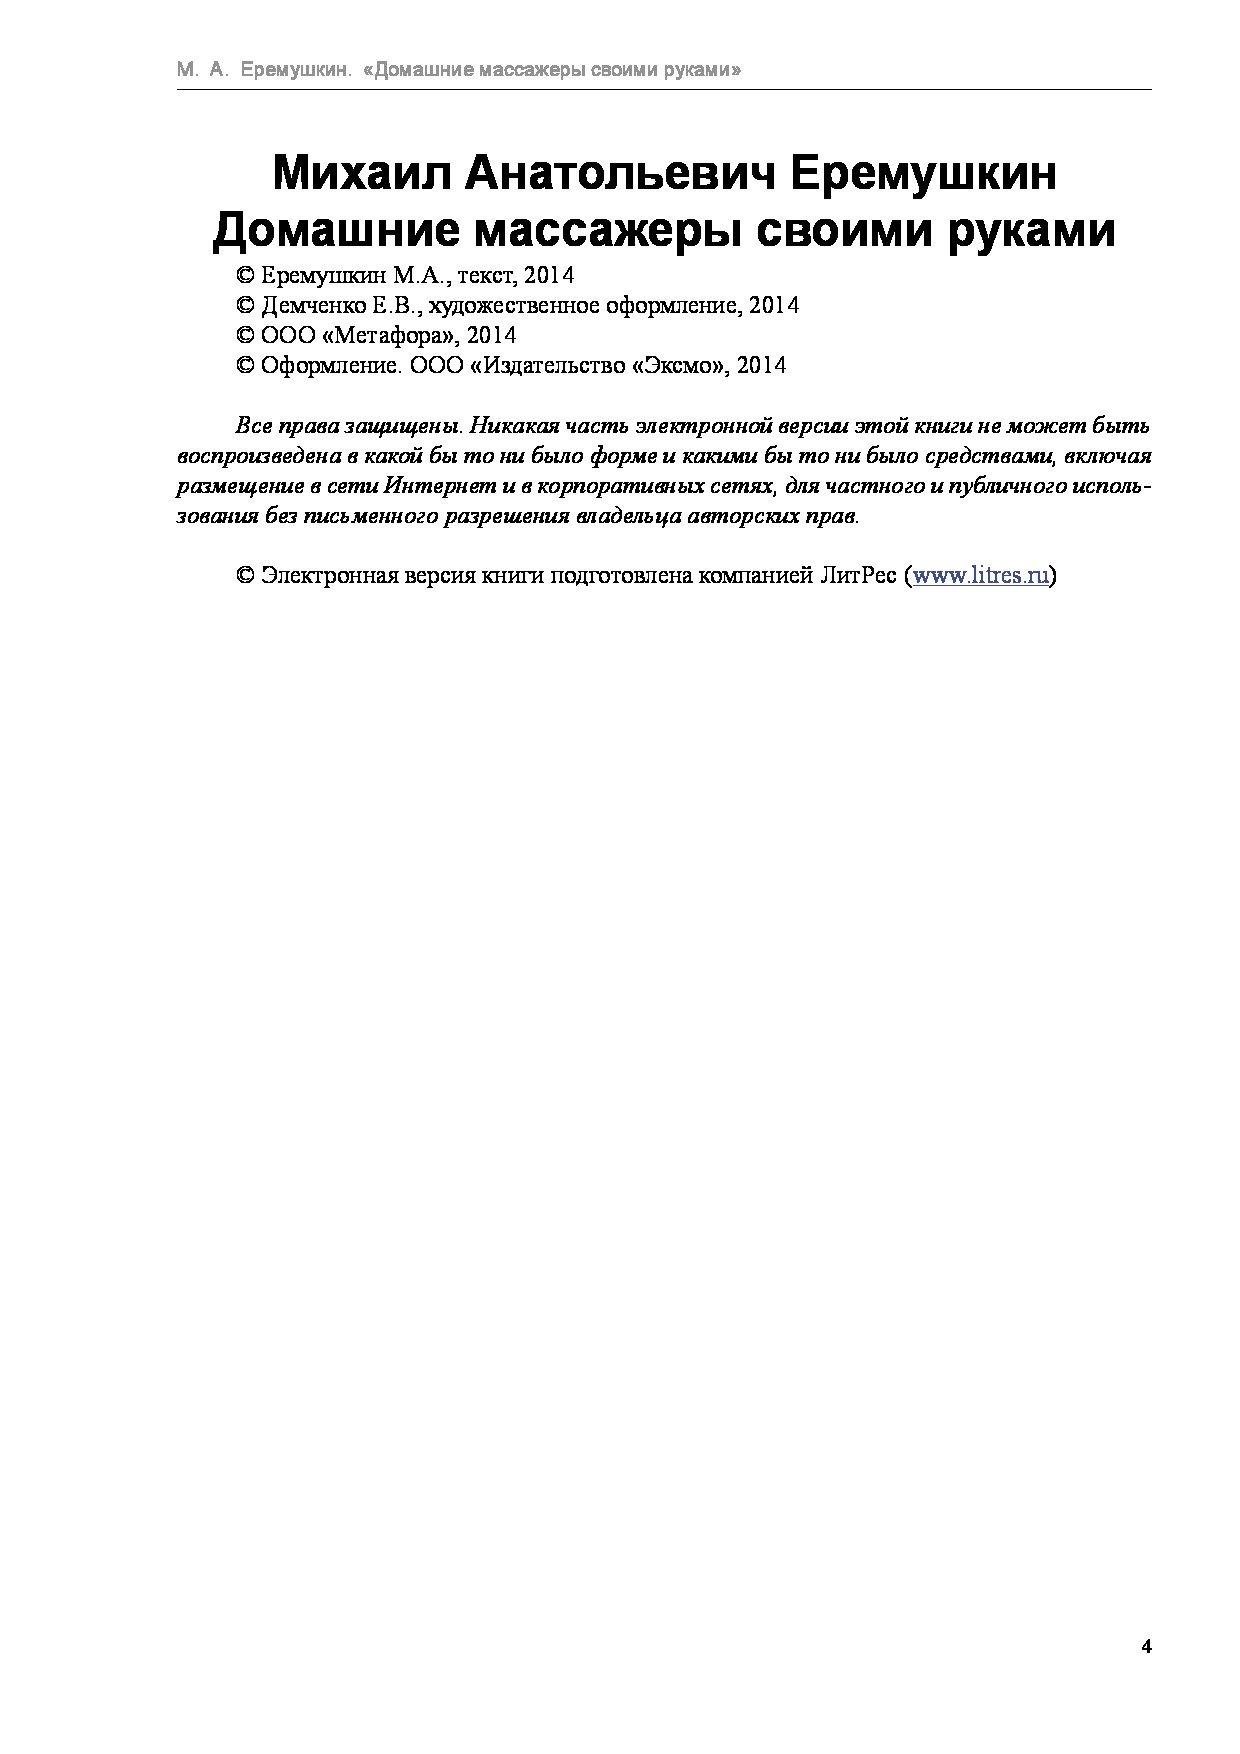 Домашние массажеры своими руками михаил анатольевич еремушкин 80